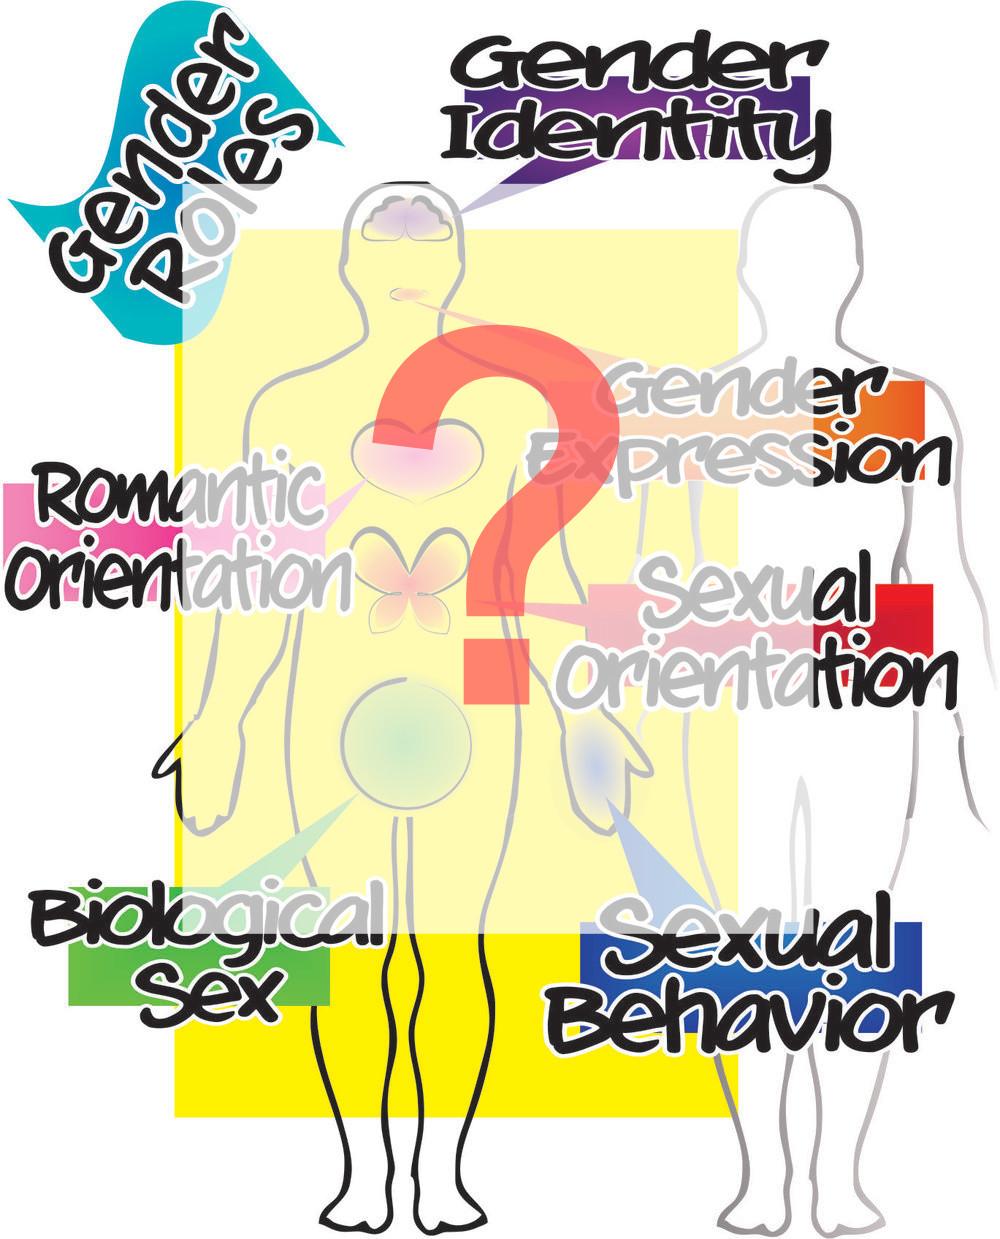 LGTBQ terms